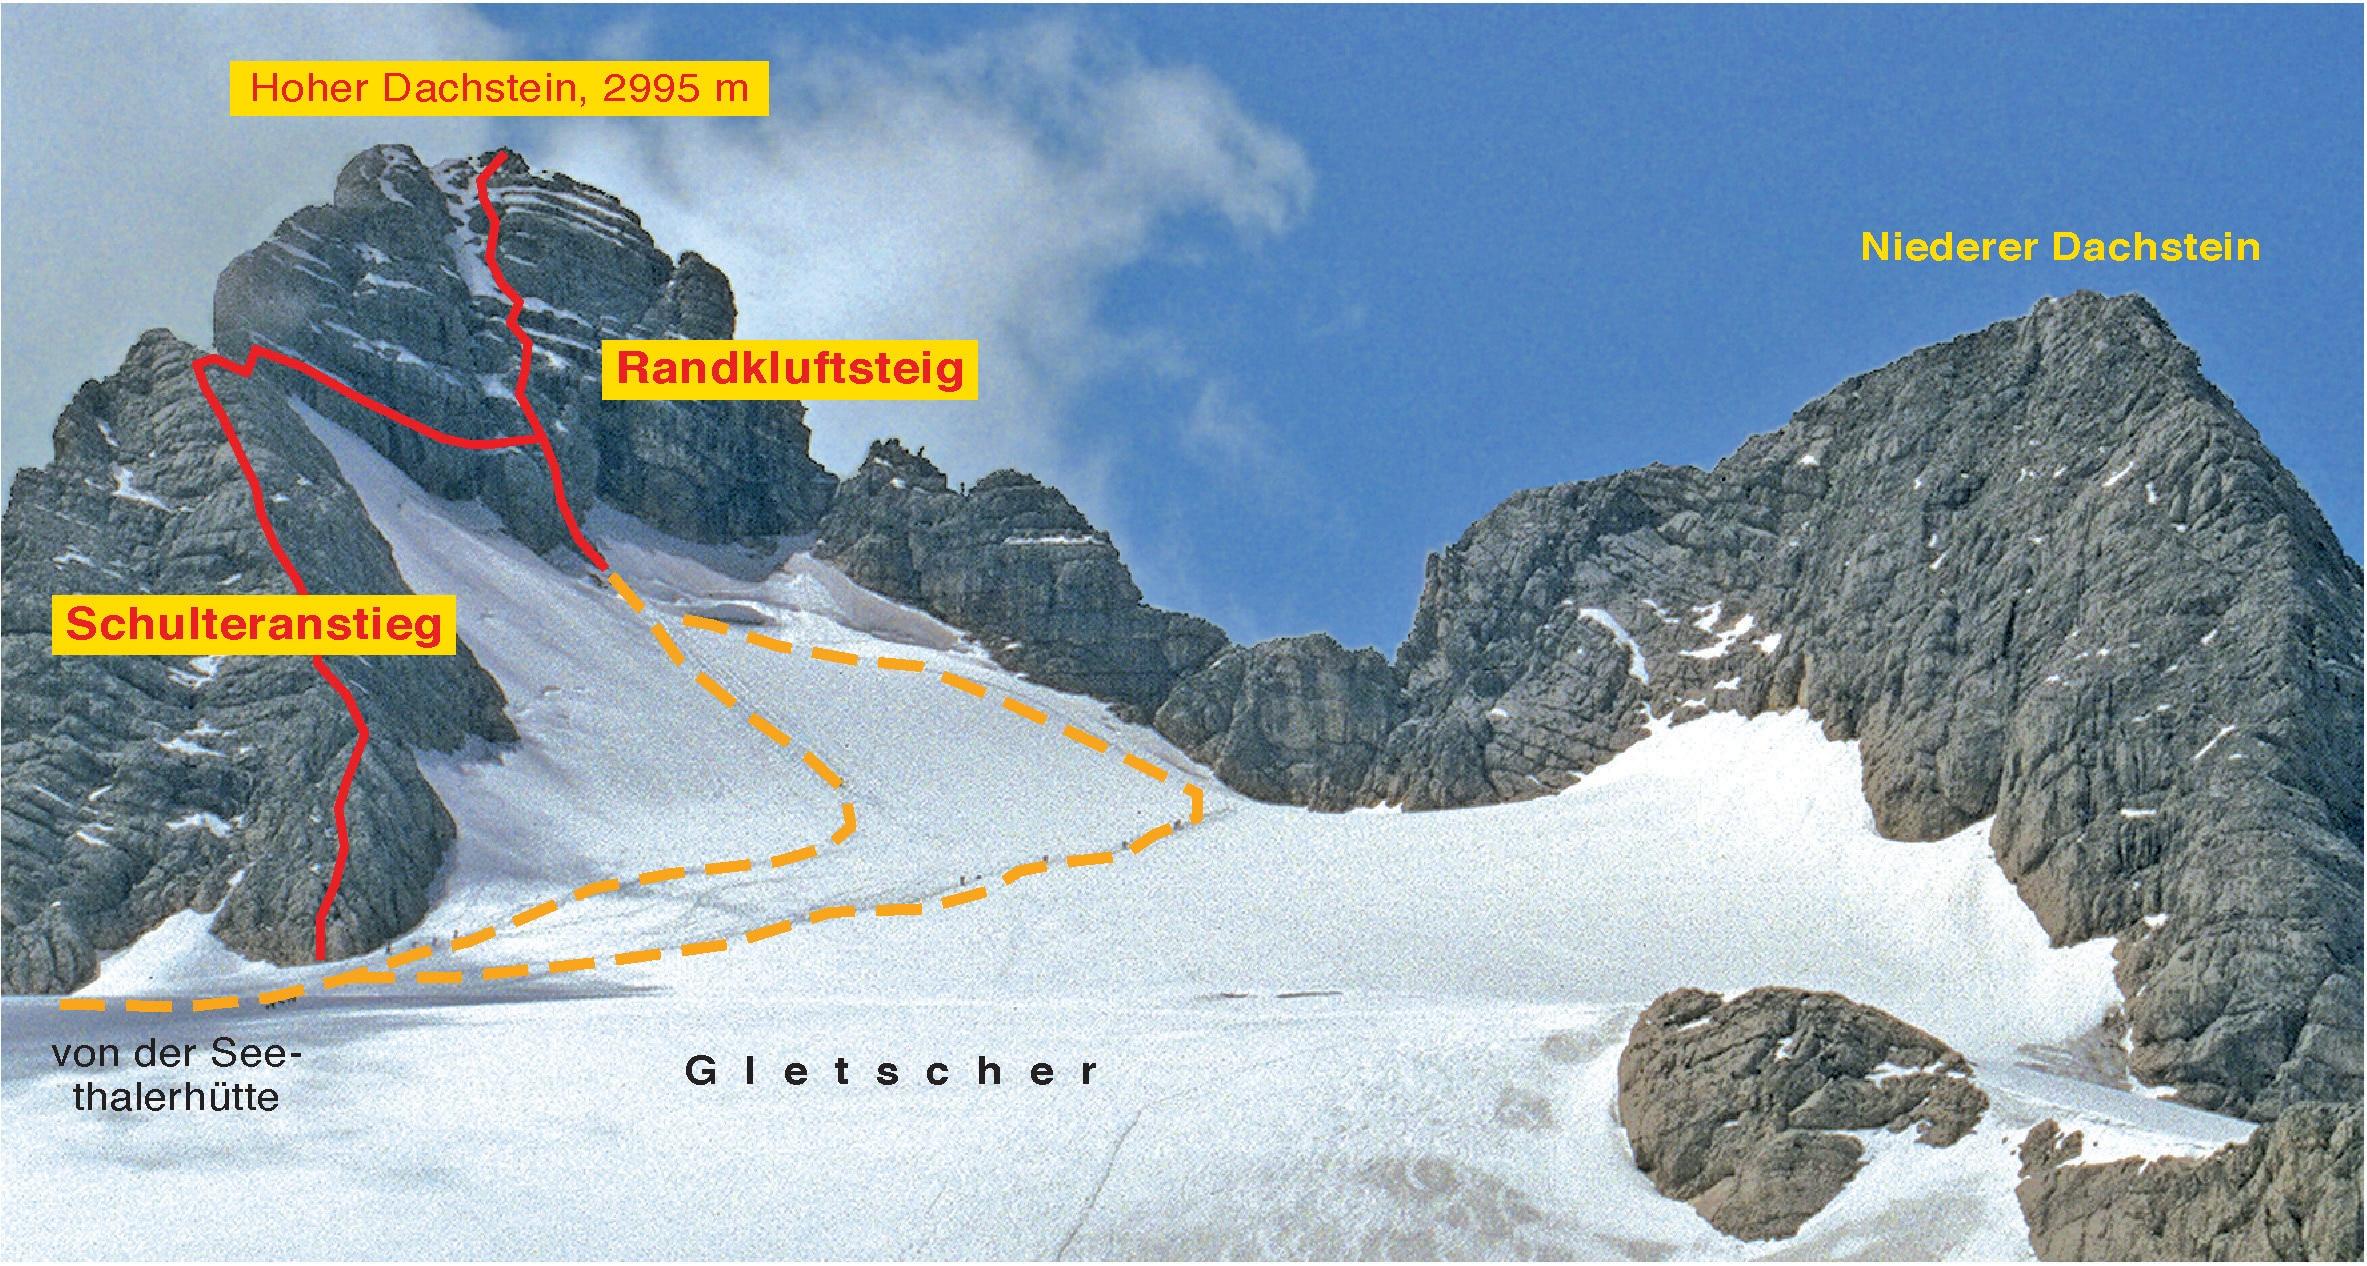 Klettersteig Dachstein : Klettersteige randkluftsteig und schulteranstieg km bergwelten